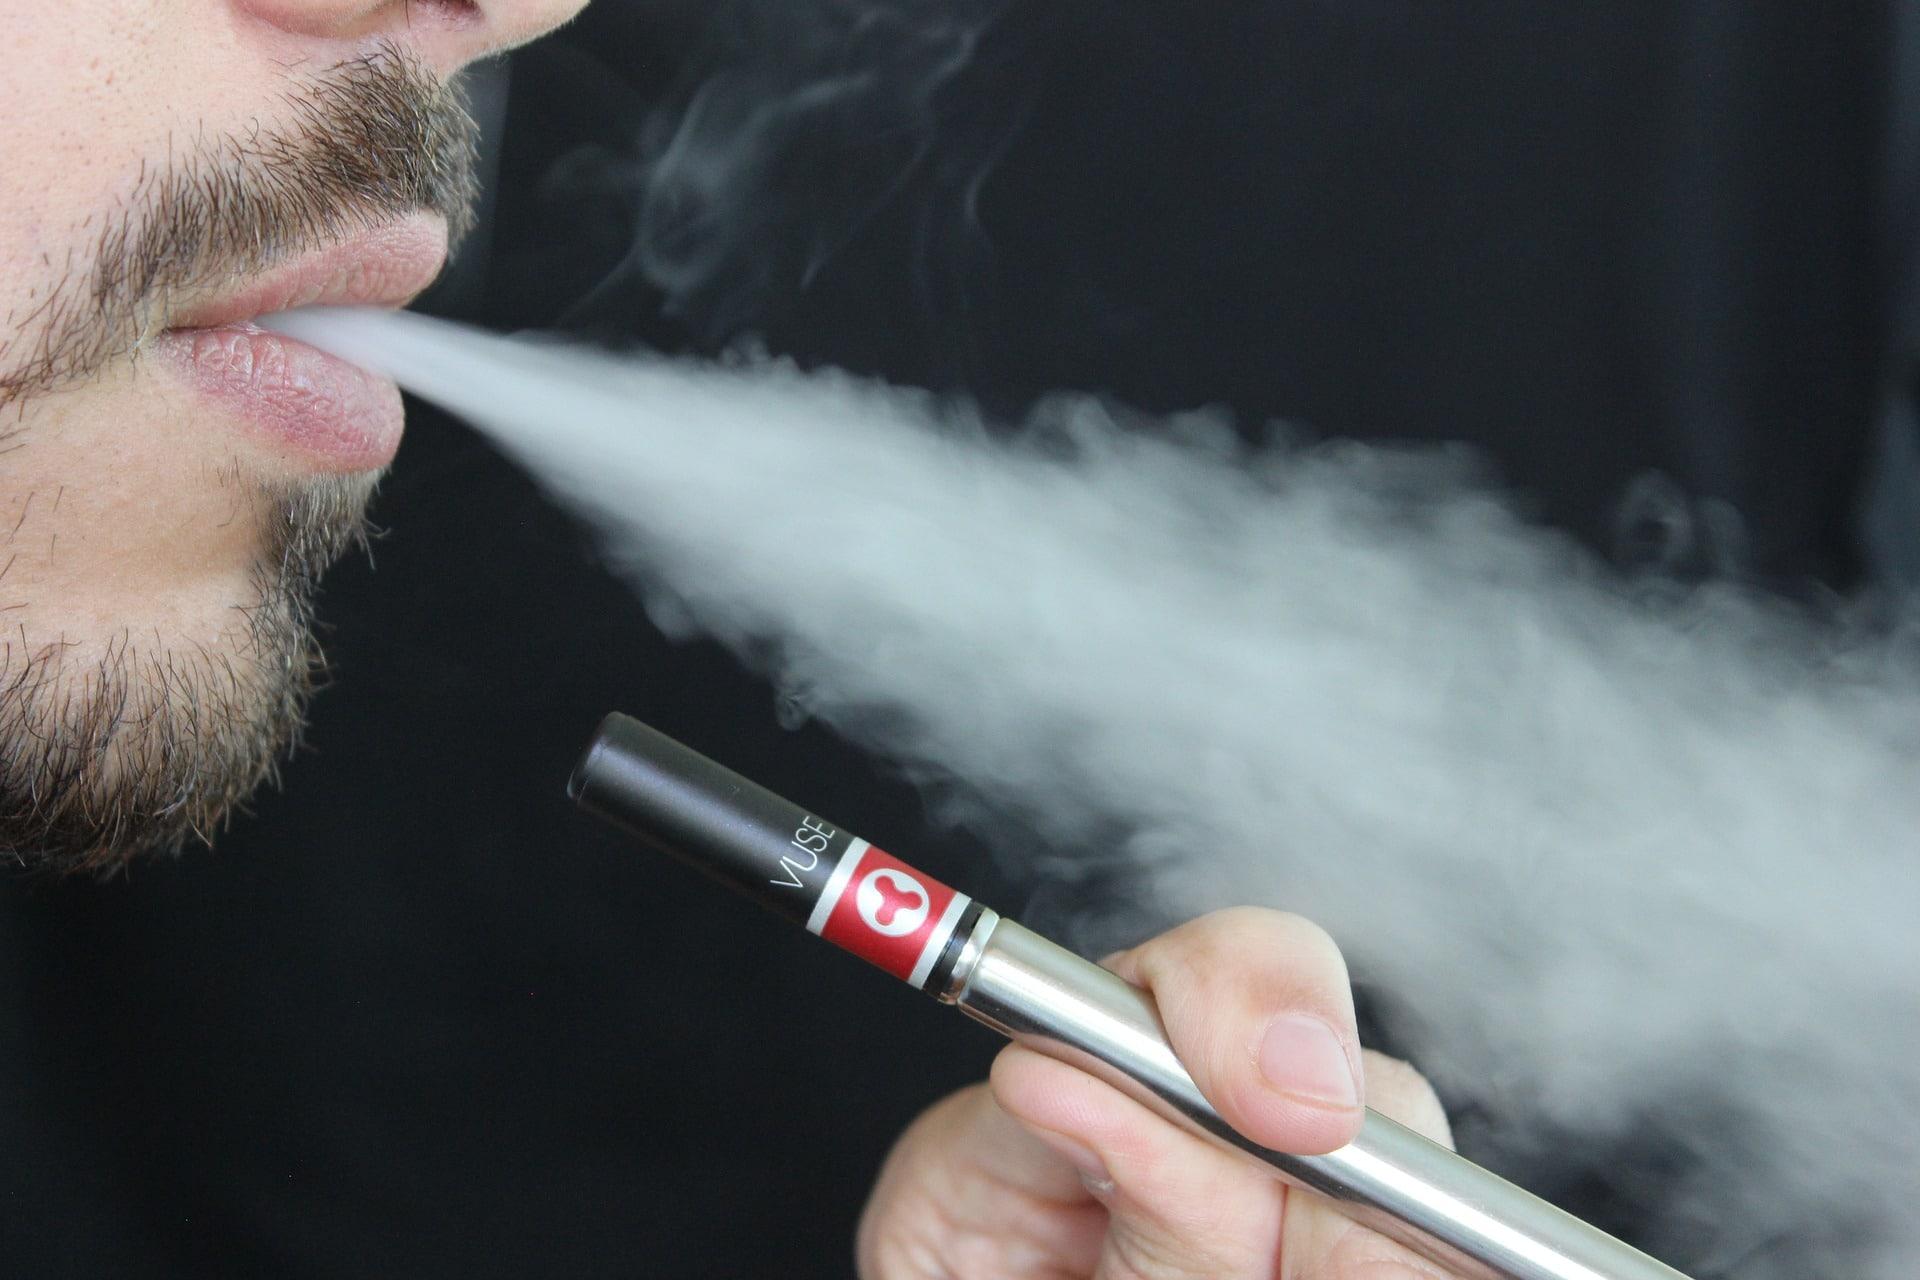 Mann raucht E-Zigarette